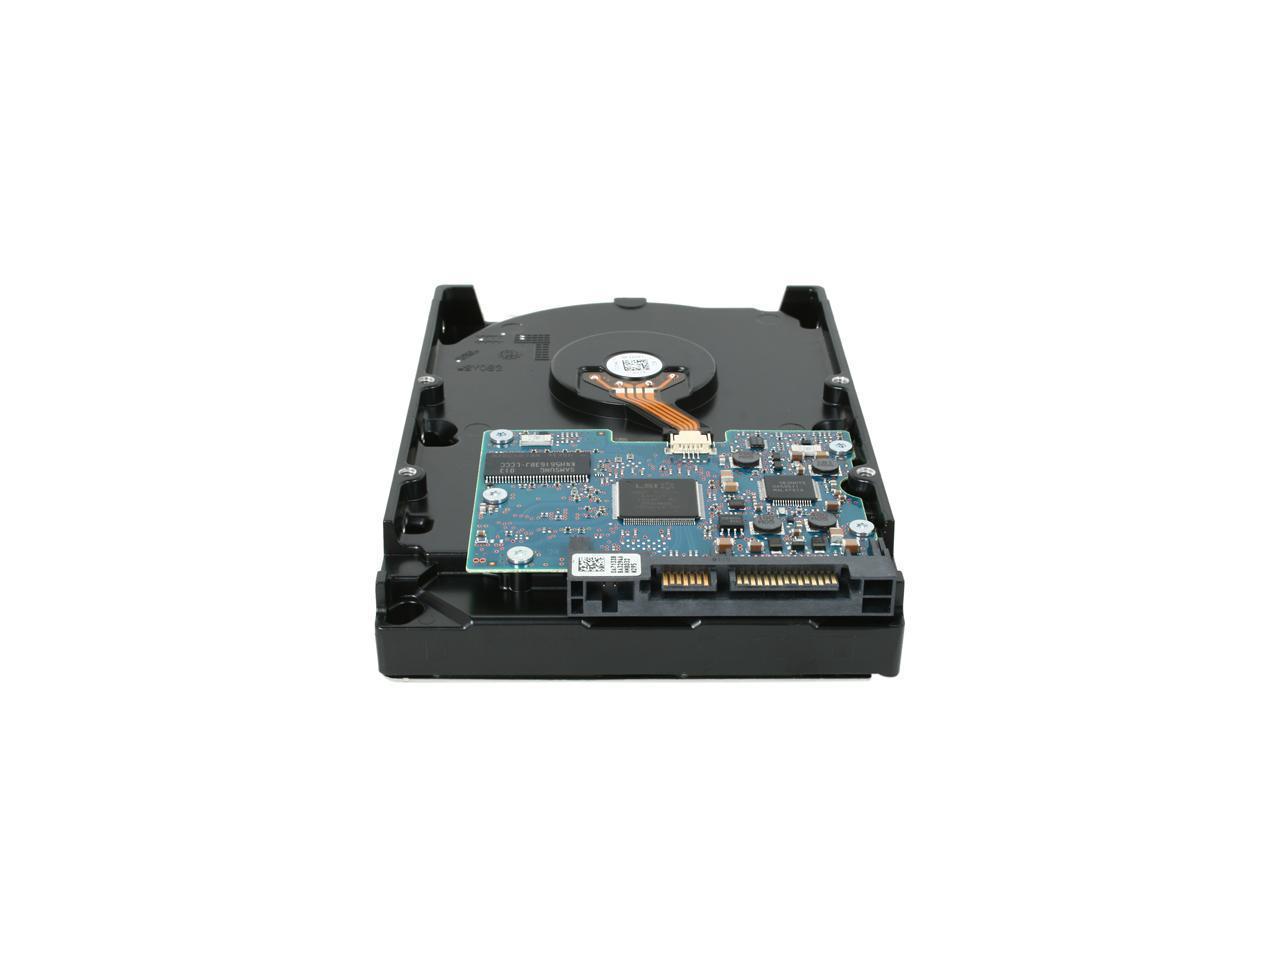 HGST 0A39289 Ultrastar 1TB A7K2000 Hard Drive